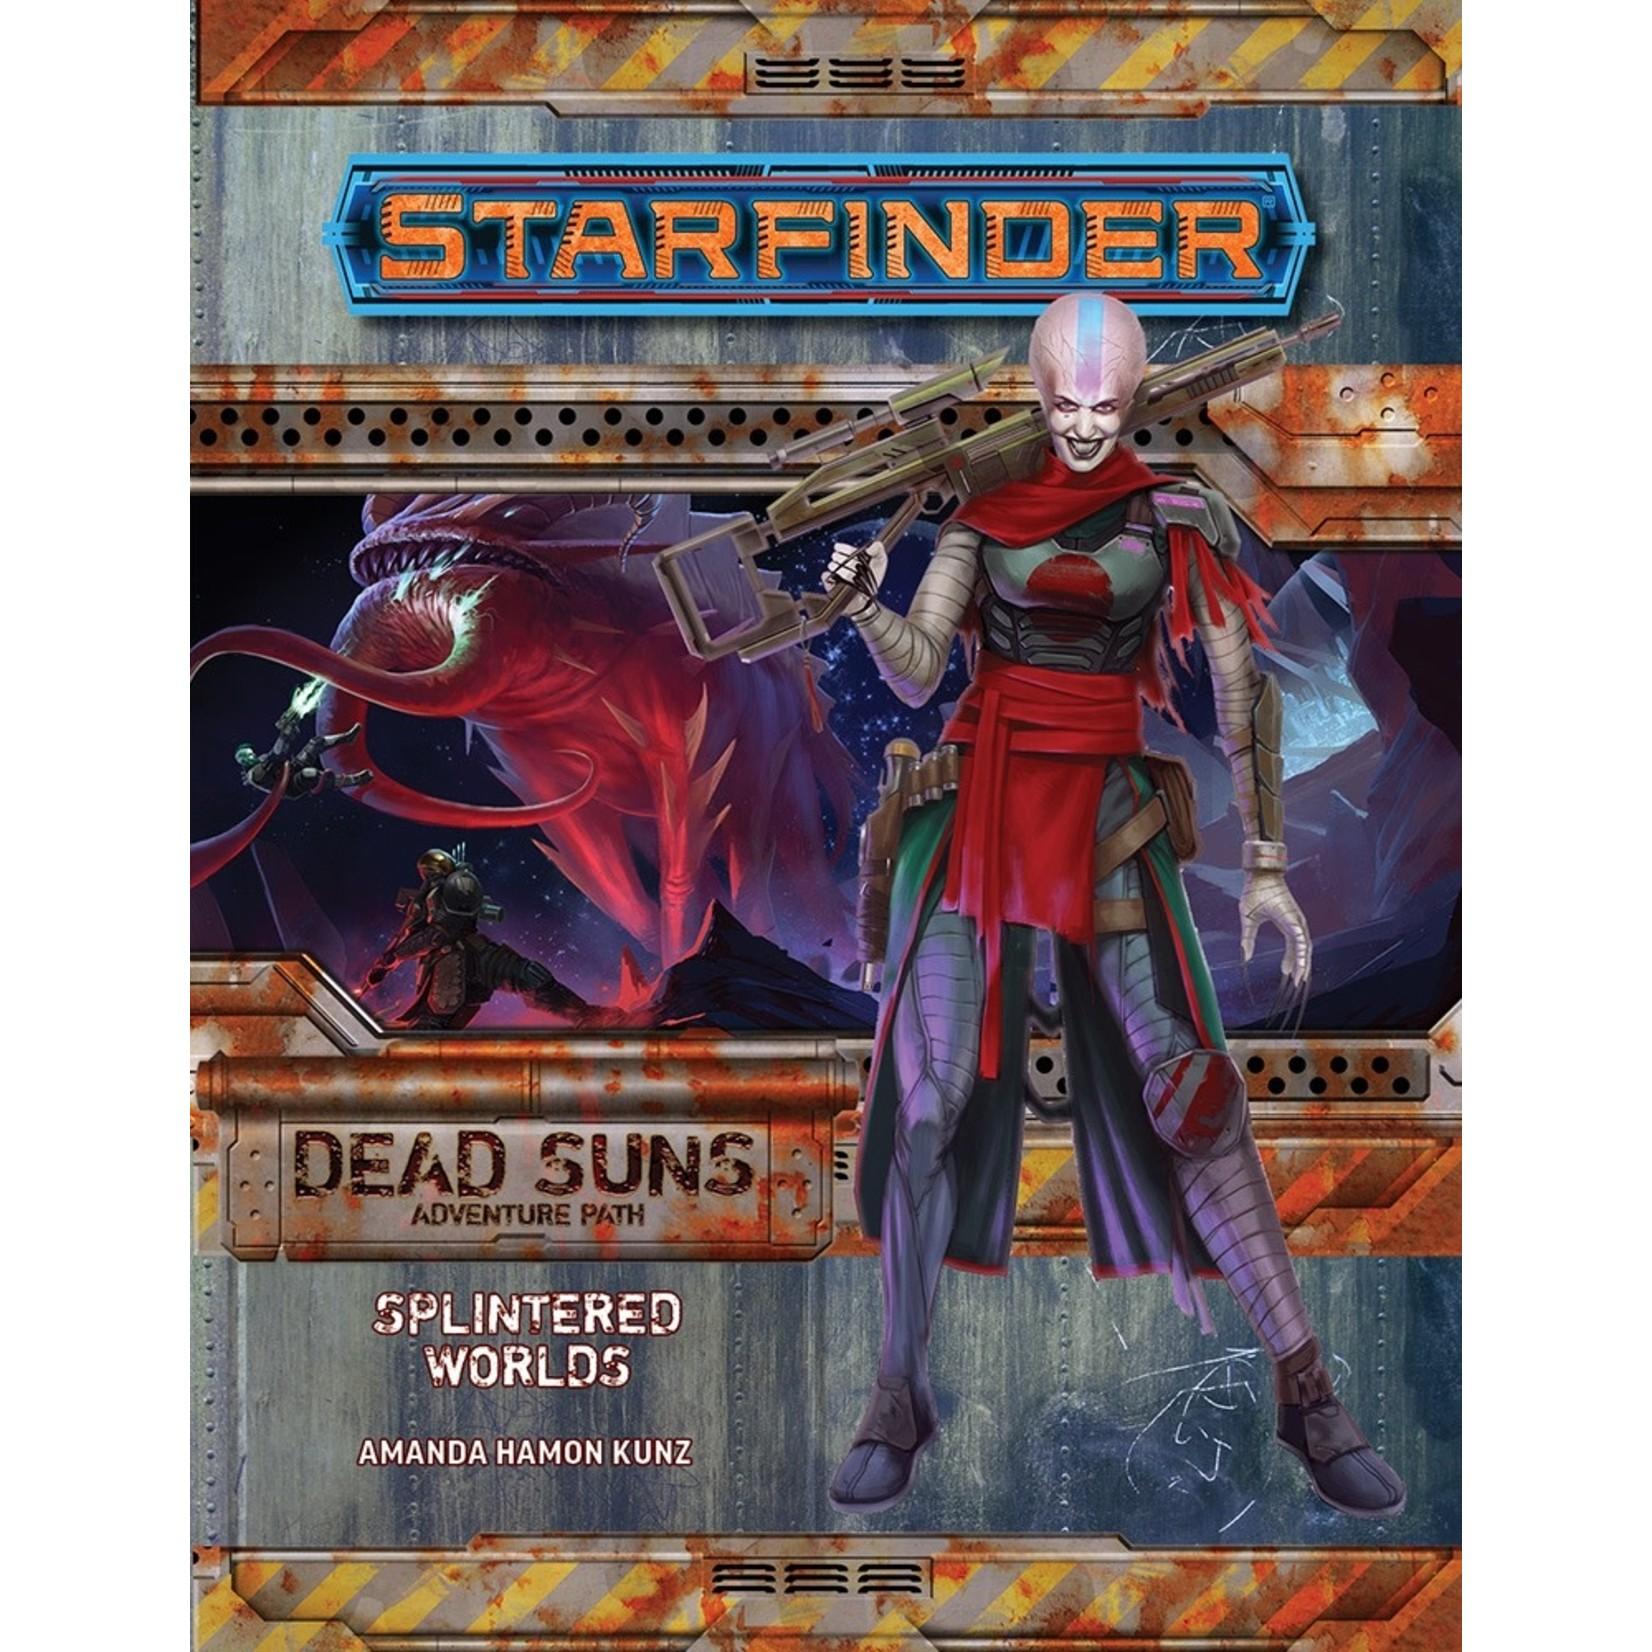 Starfinder RPG Adventure Path: Dead Suns 3 Splintered Worlds